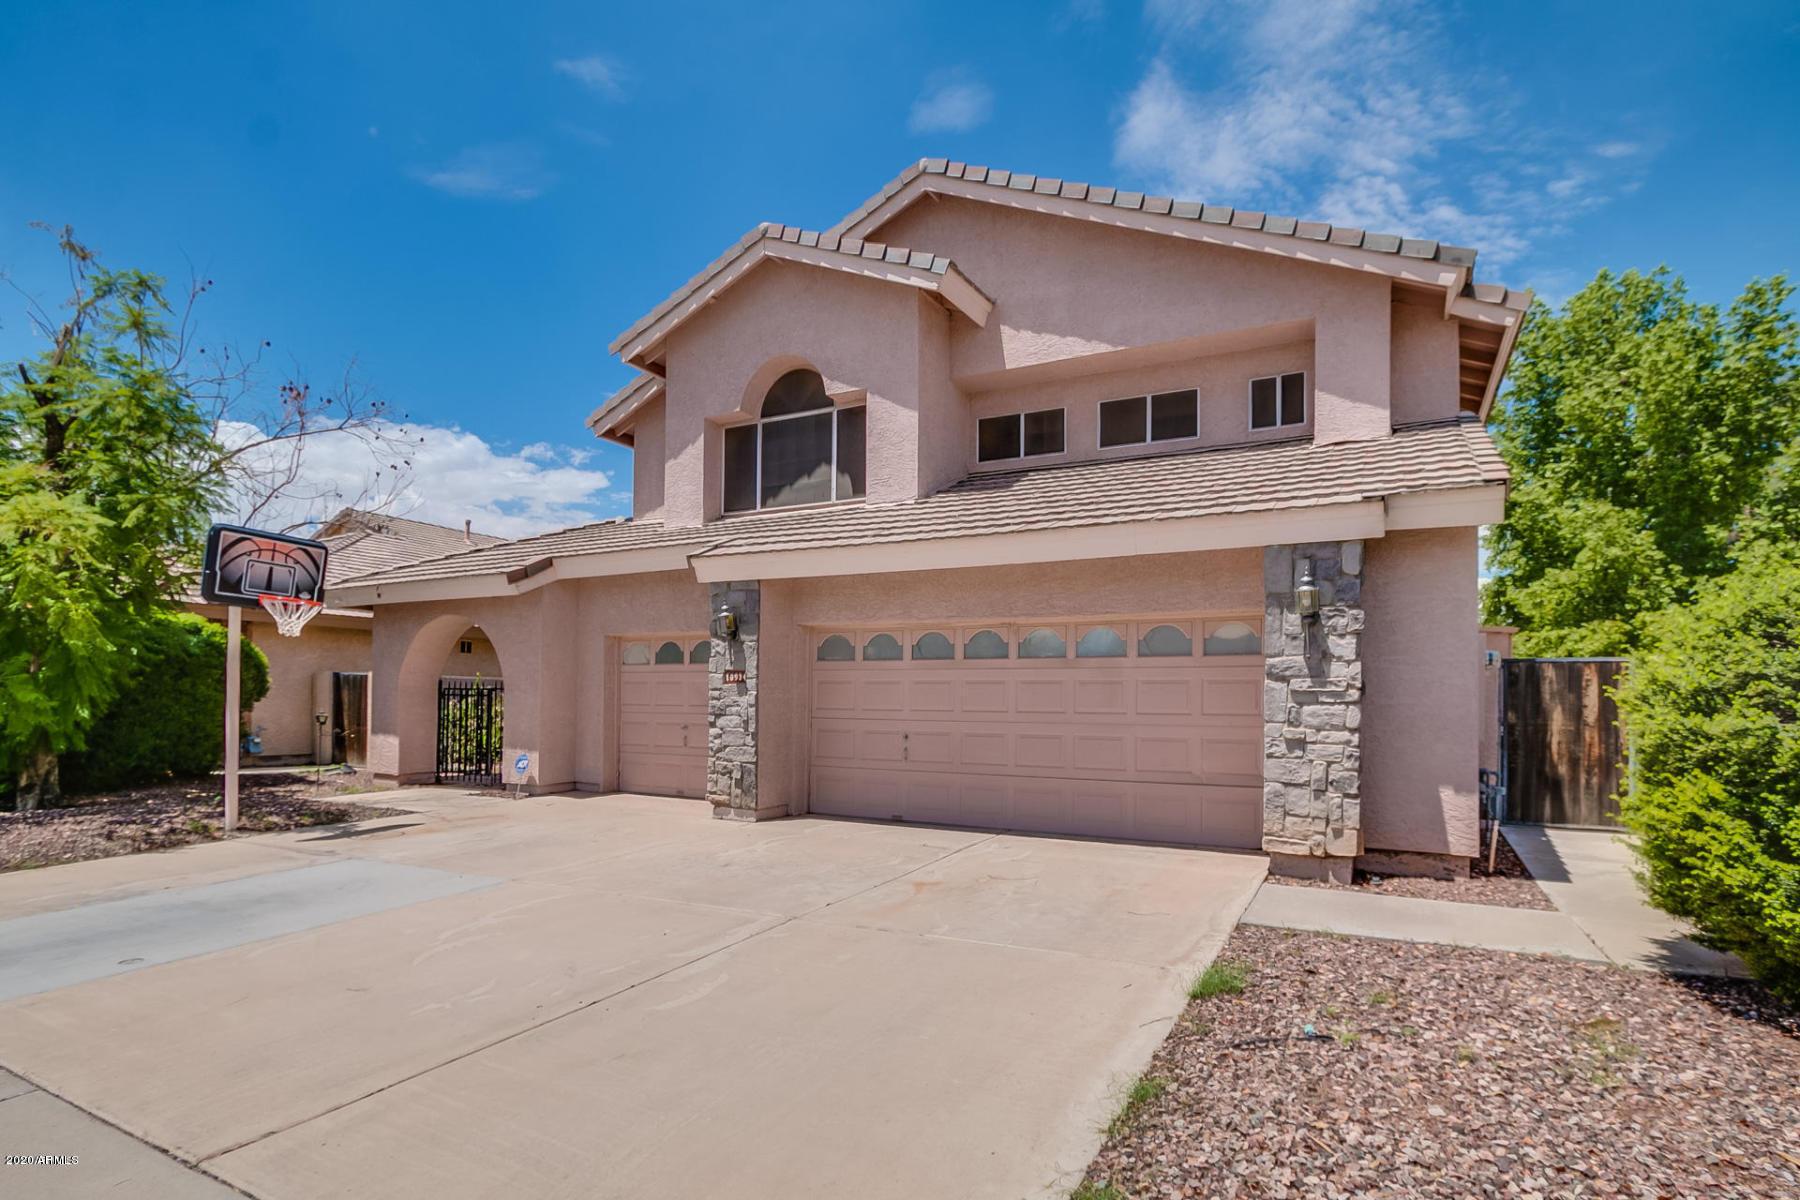 Photo of 10934 W Ashland Way, Avondale, AZ 85392